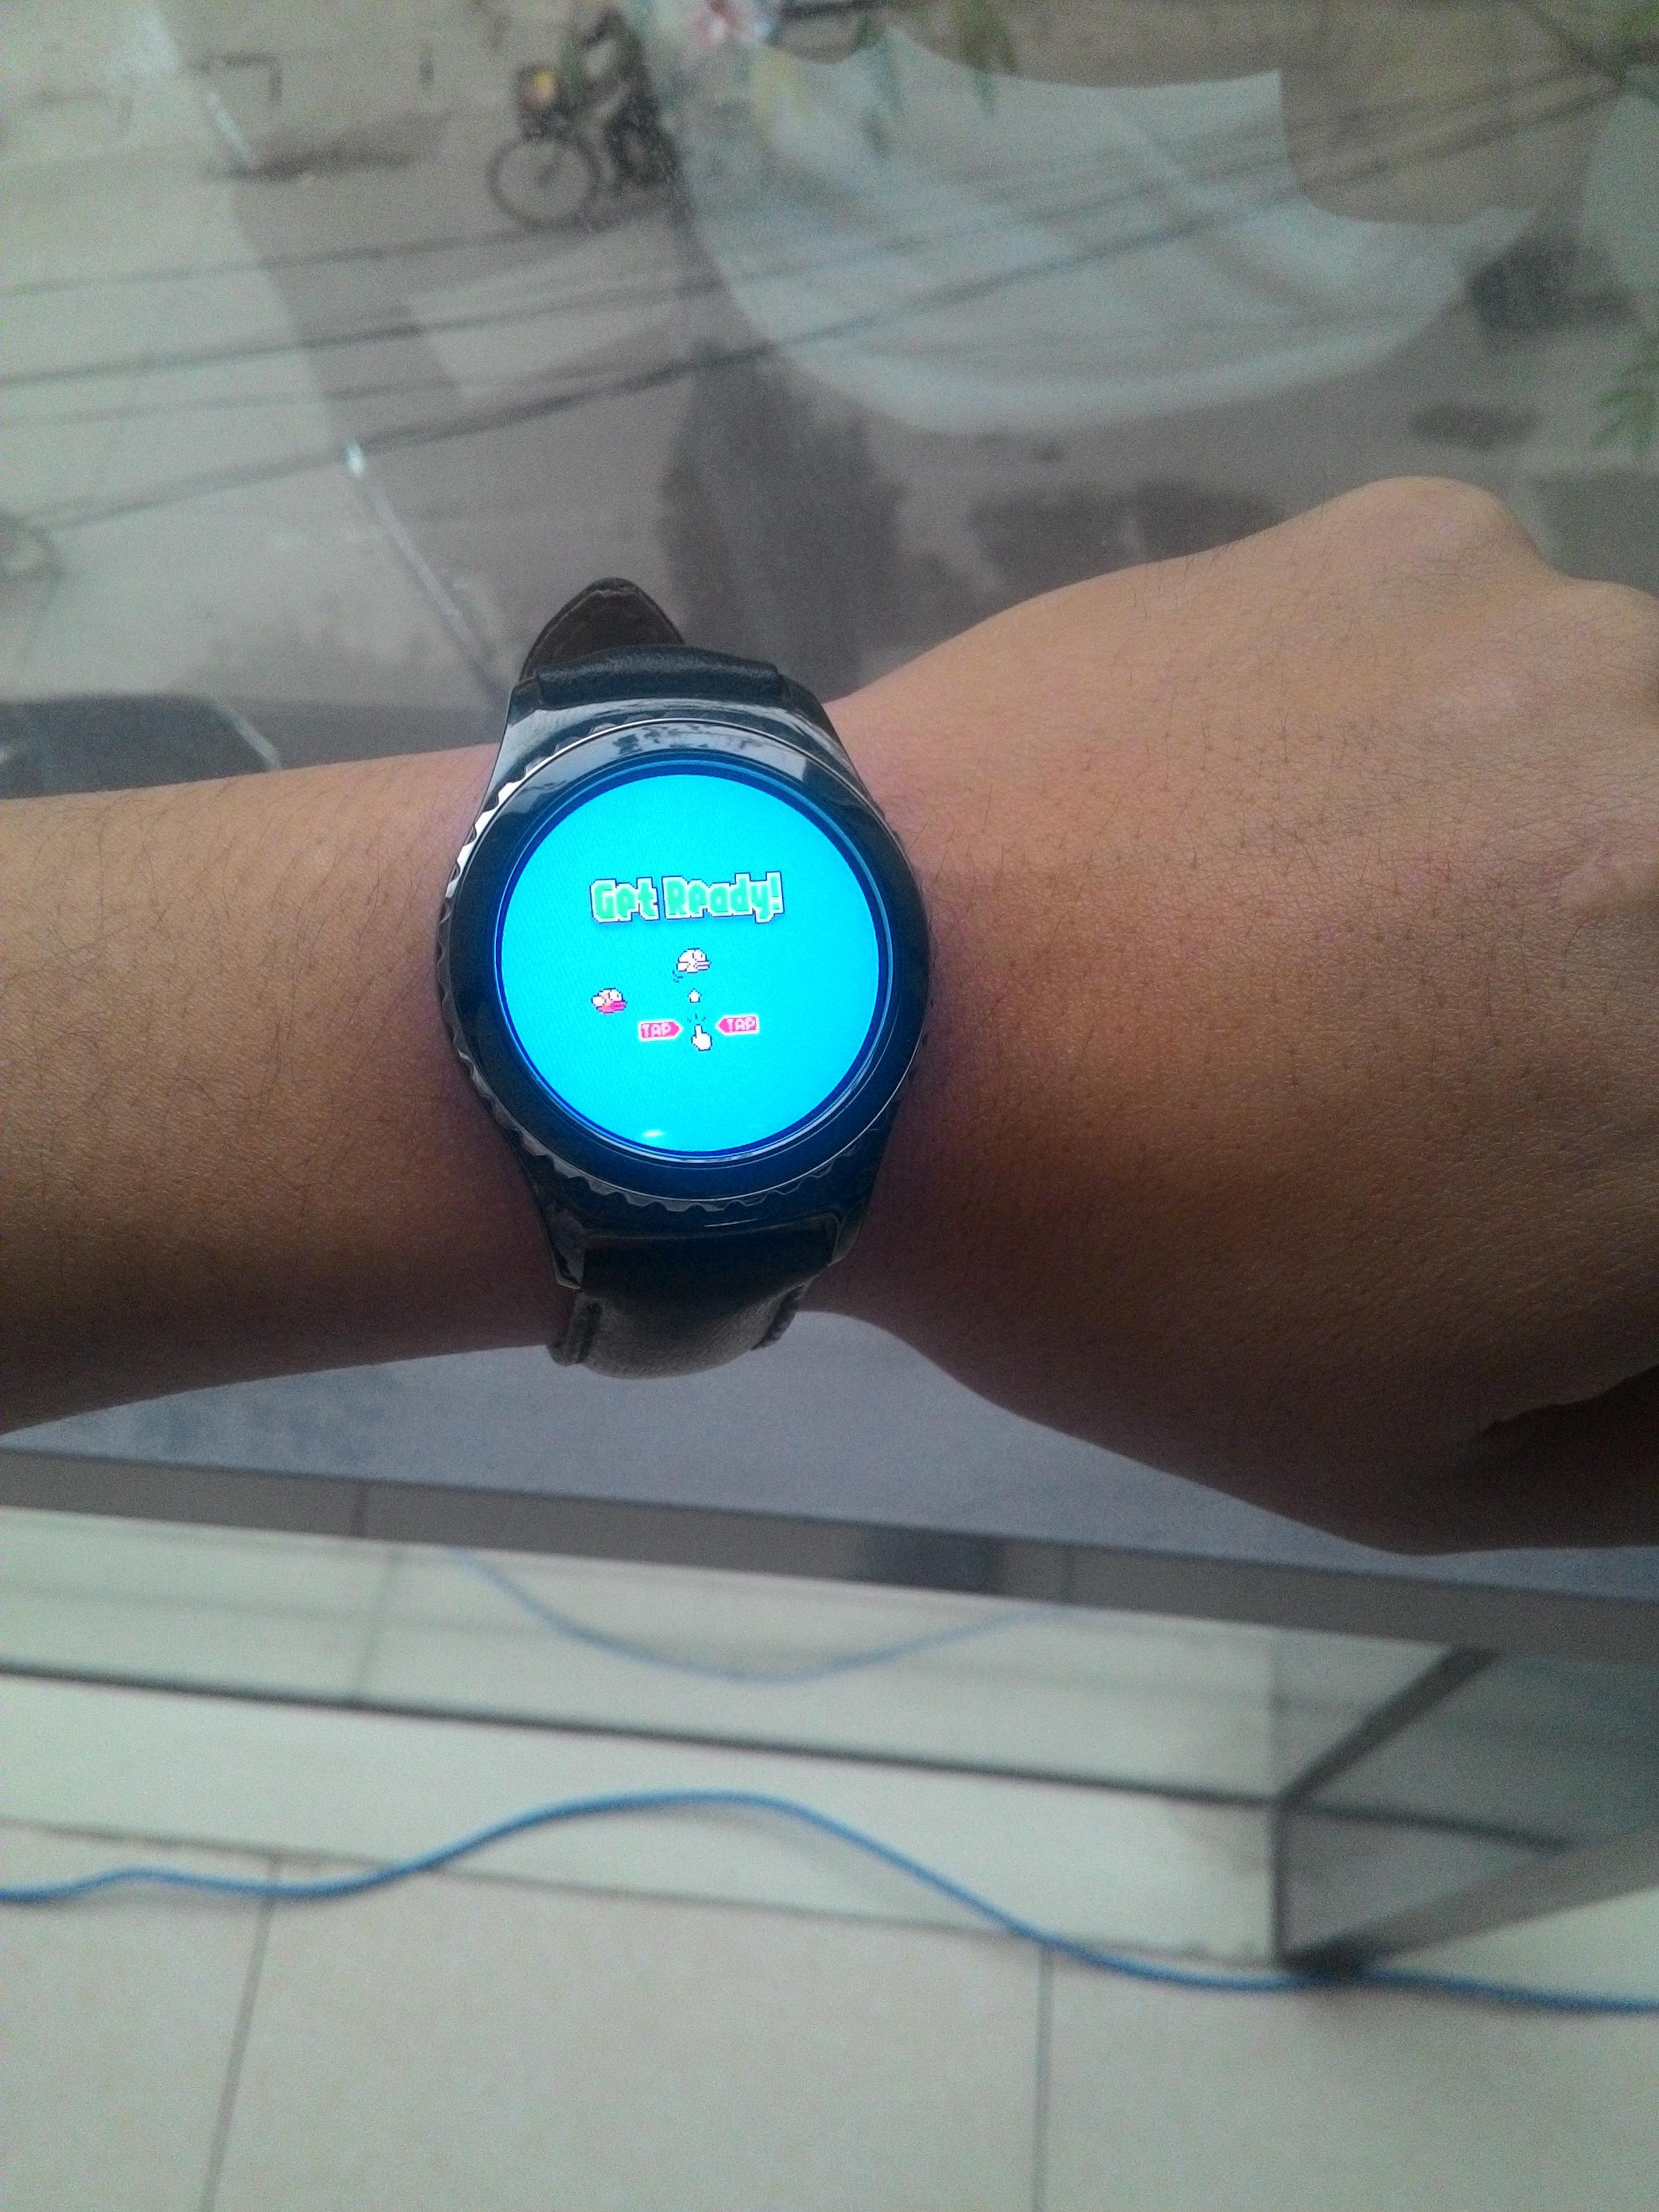 Thực tế ứng dụng trên đồng hồ thông minh